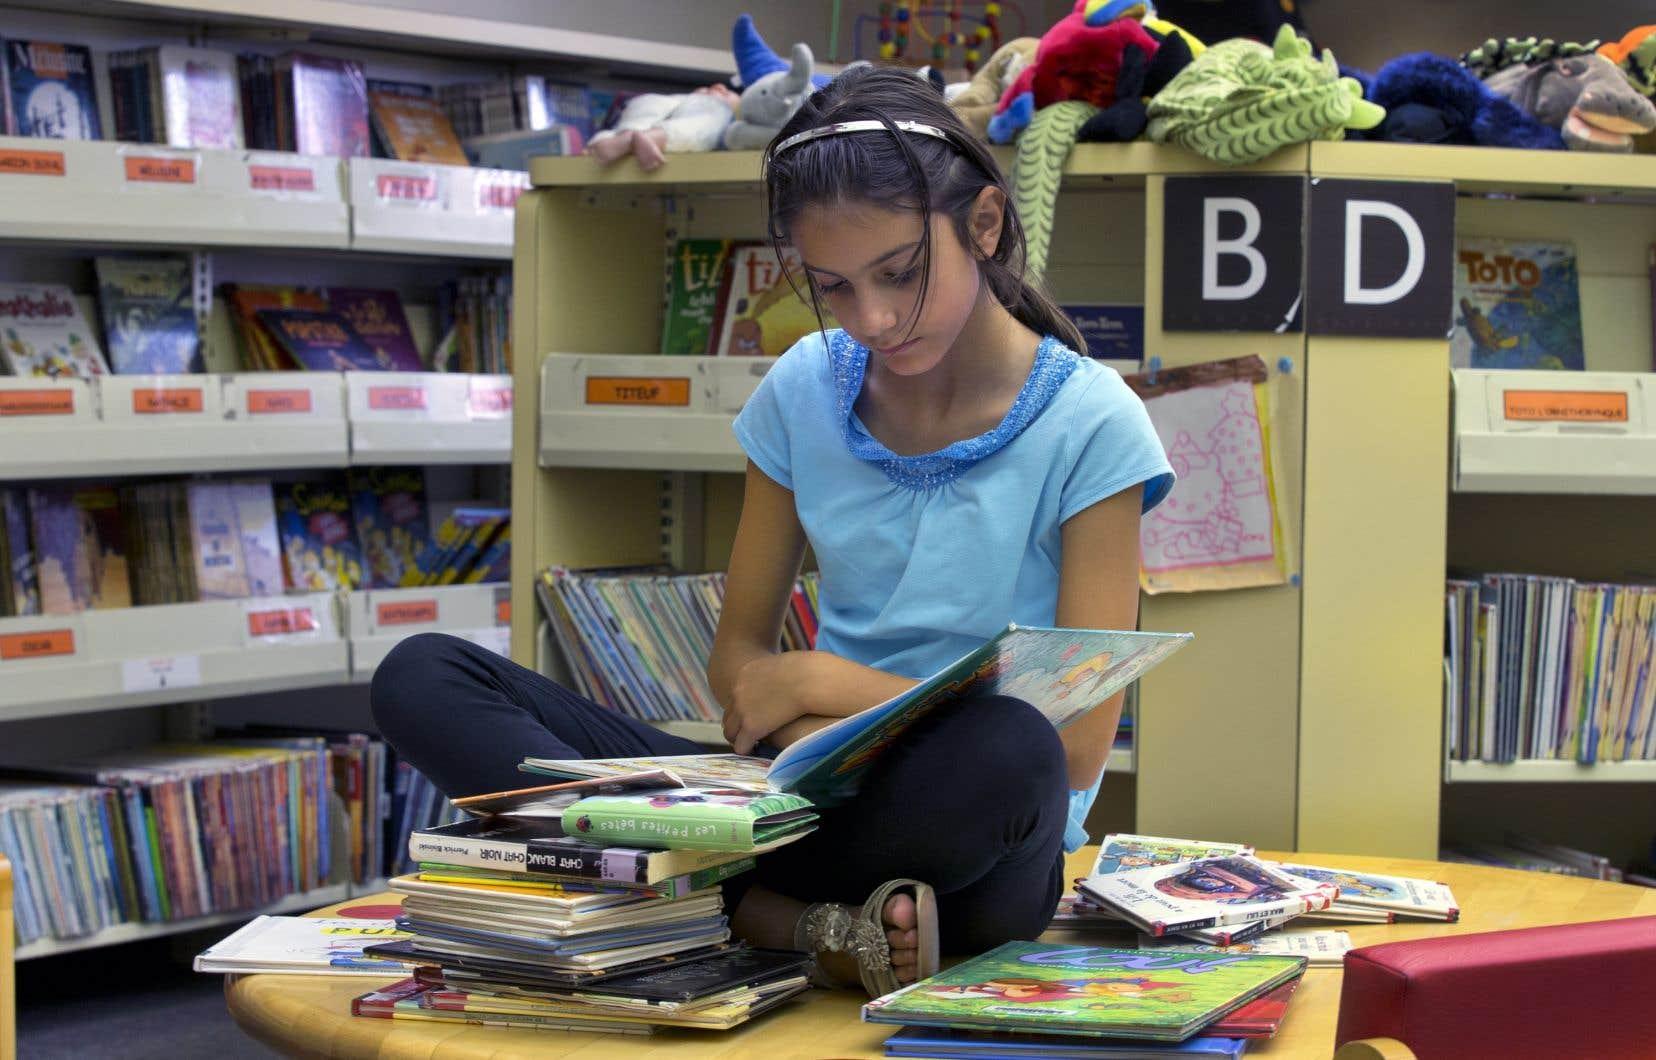 Au Canada, dans le domaine de la lecture, 90 % des filles ont atteint le niveau 2 ou un niveau supérieur, comparativement à 82 % des garçons.